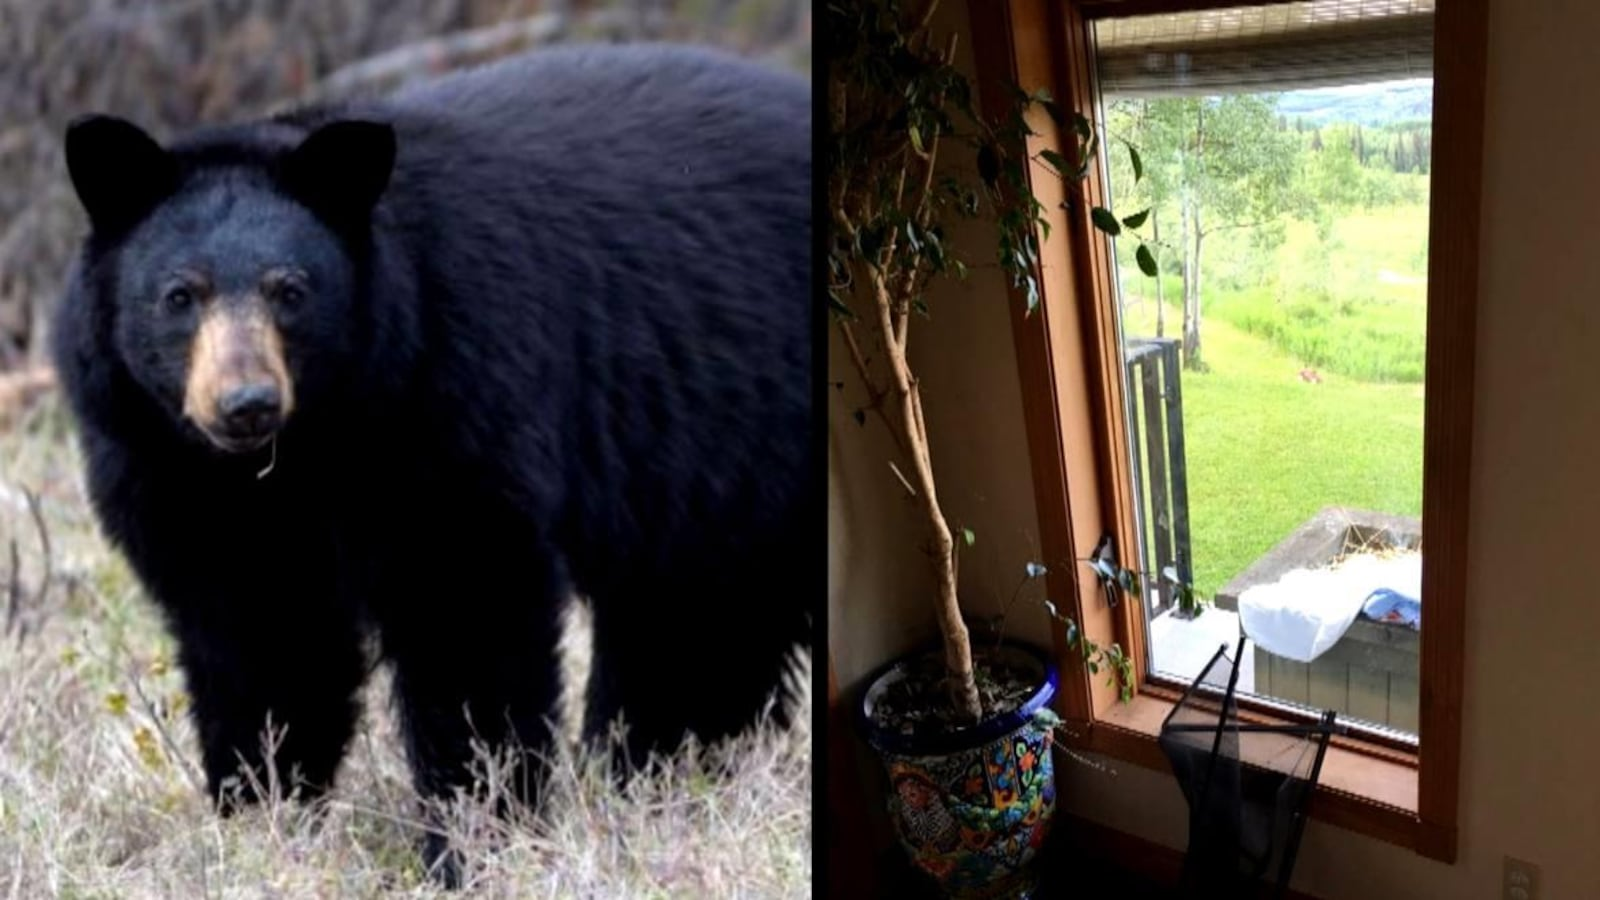 À gauche, un ours noir dans un champ. À droite, une fenêtre dont le moustiquaire a été arraché.